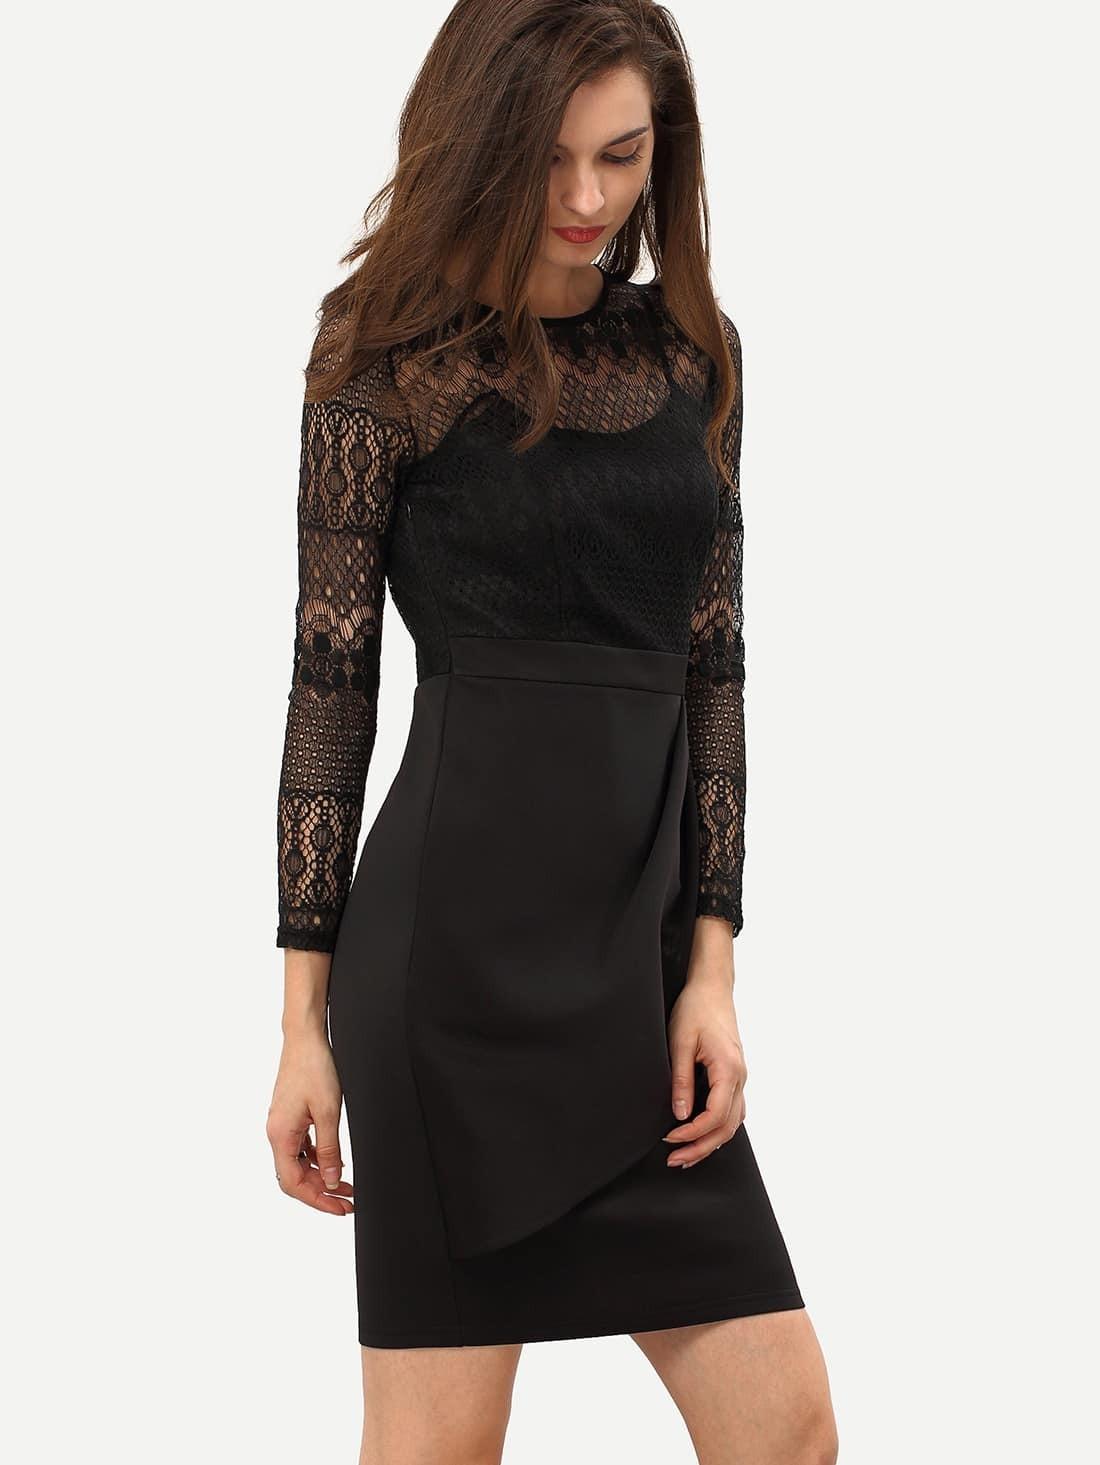 Kleid mit spitze schwarz vintage kleid mit spitze in - Shein kleidung ...